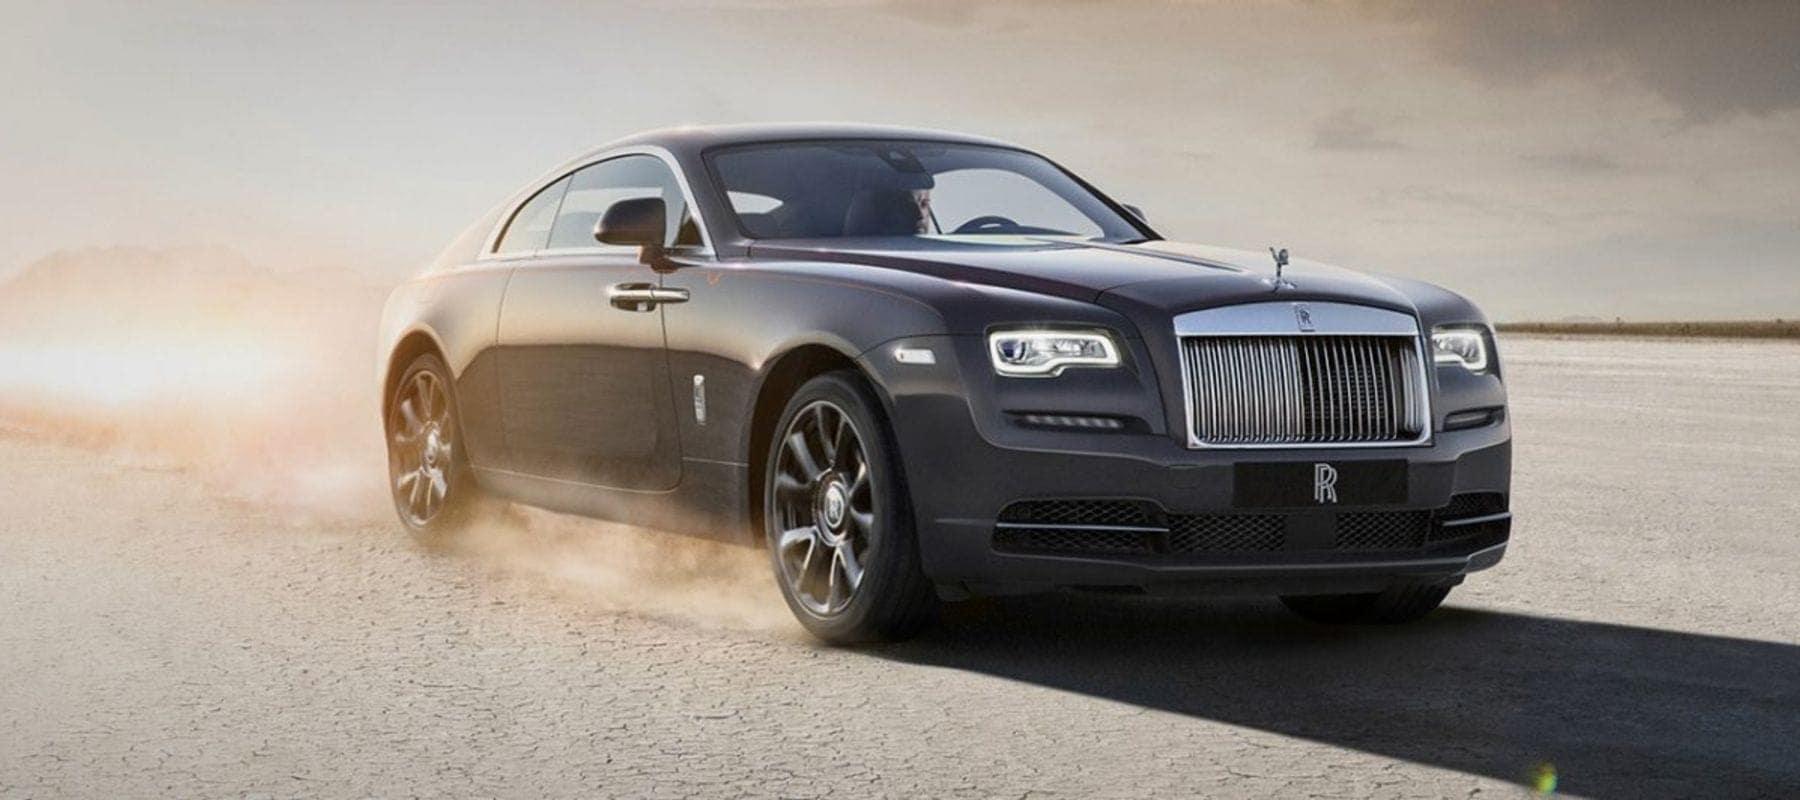 2019 Rolls Royce WRAITH W1701HEROjpgrr1920MEDjpg